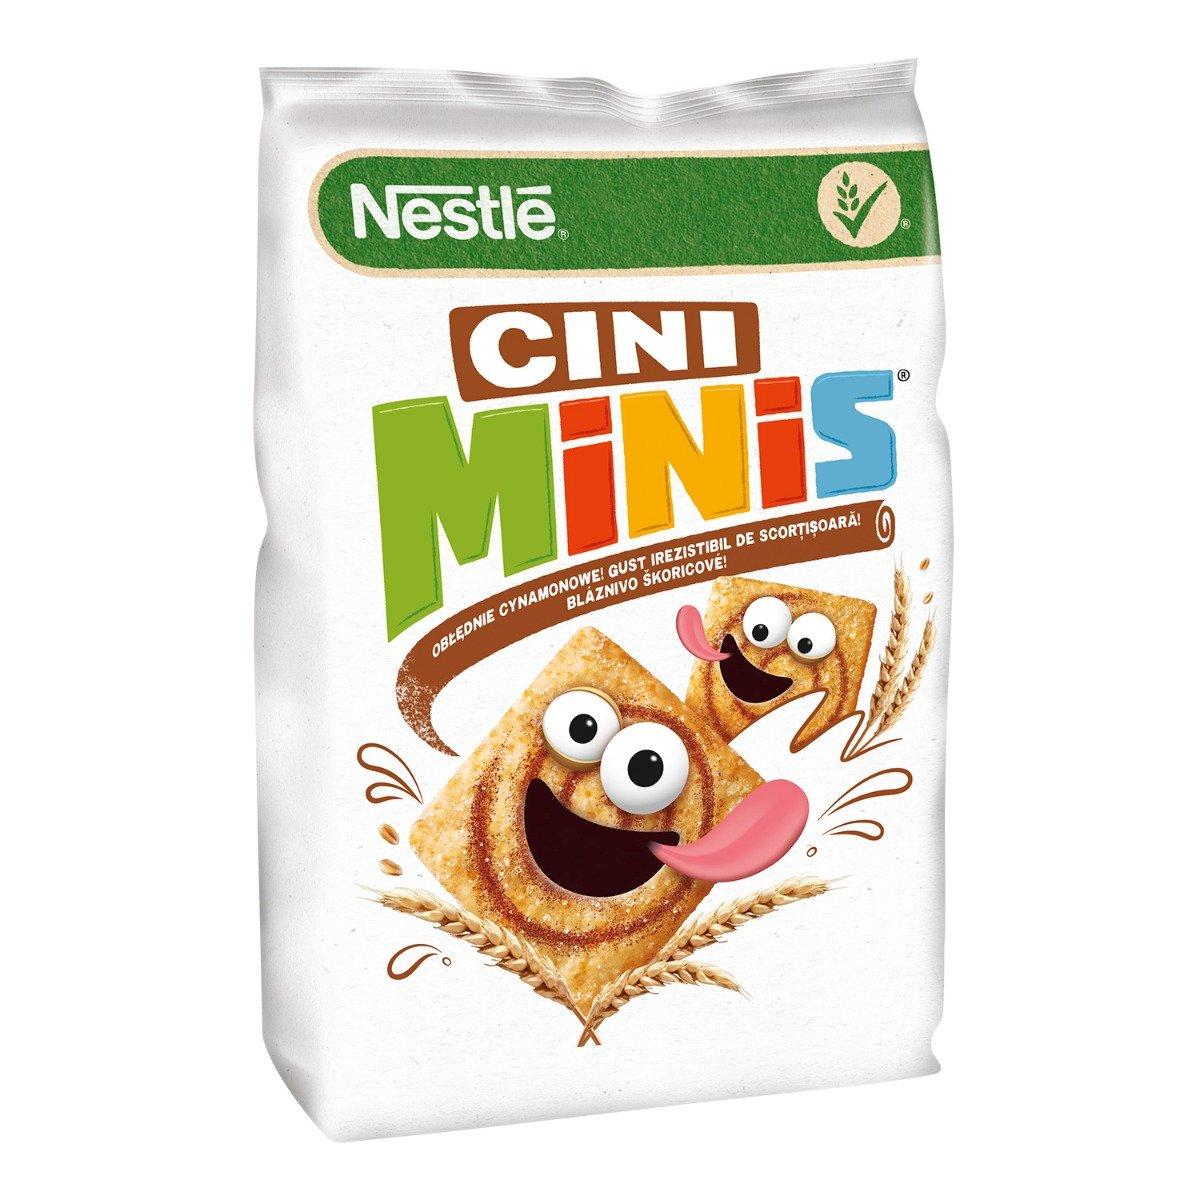 Cereale pentru mic dejun Nestle Cini Minis, 500 g imagine